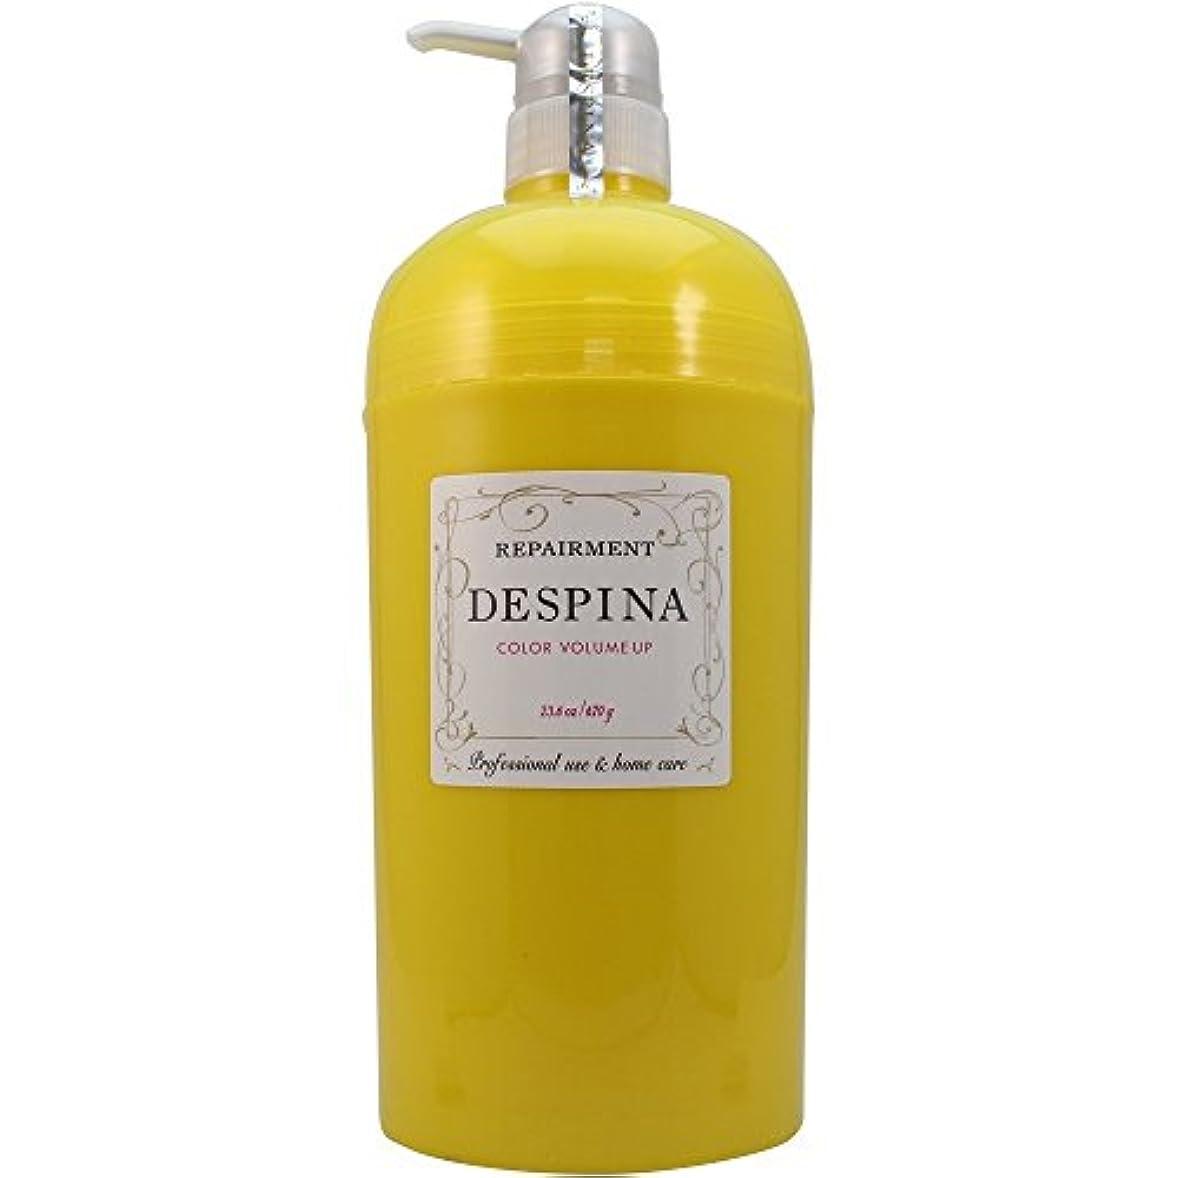 筋王女に同意する中野製薬 デスピナ リペアメント カラー ボリュームアップ 670g